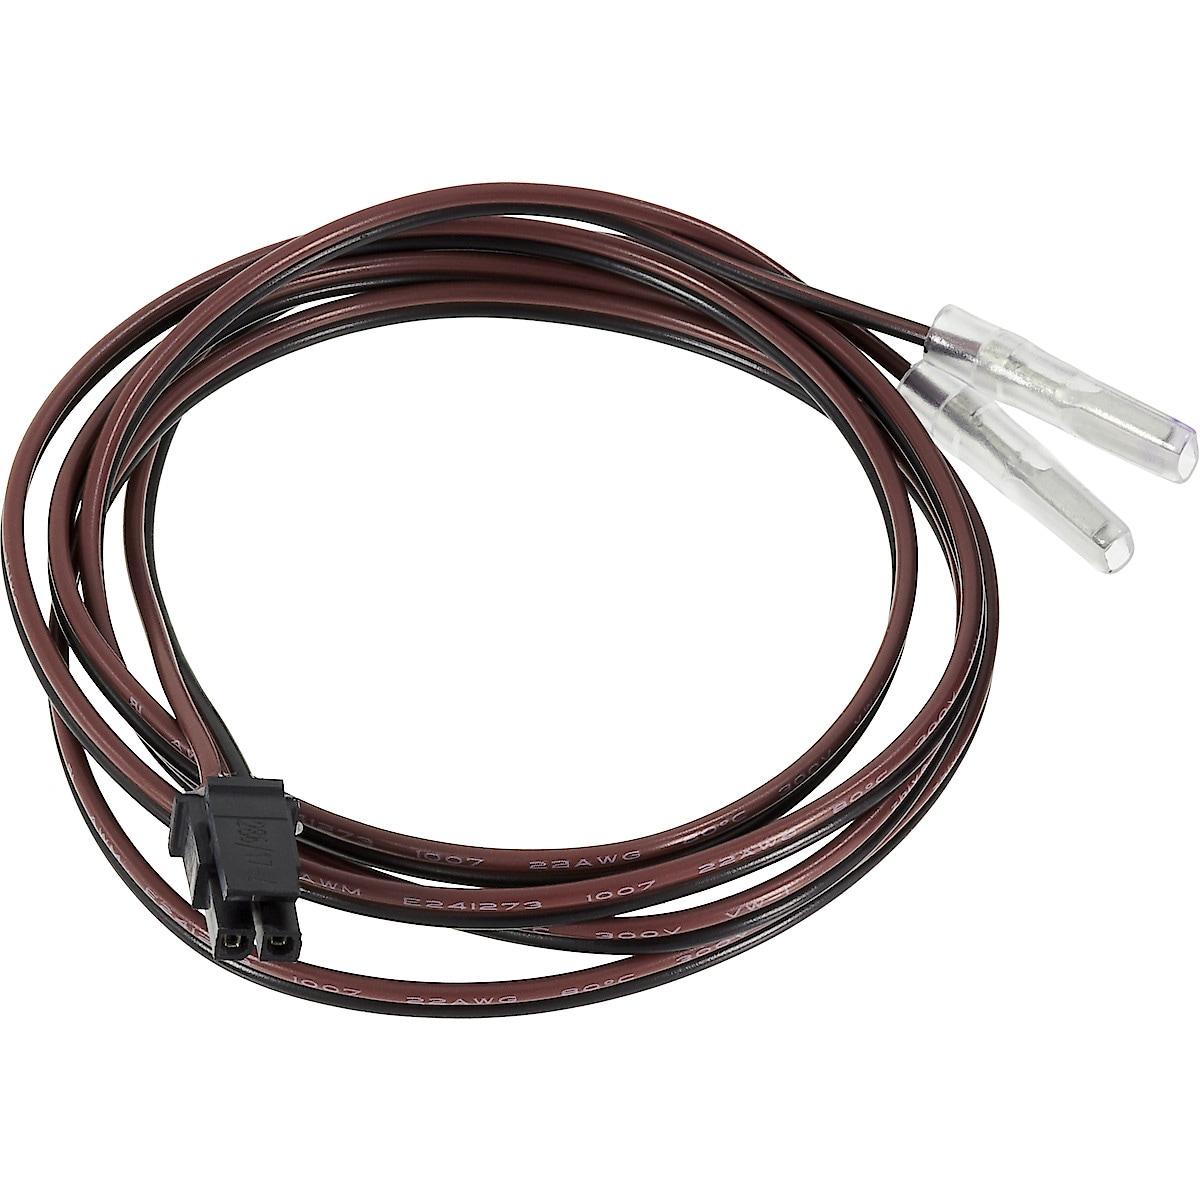 Asaklitt eCity kabel til frontlykt